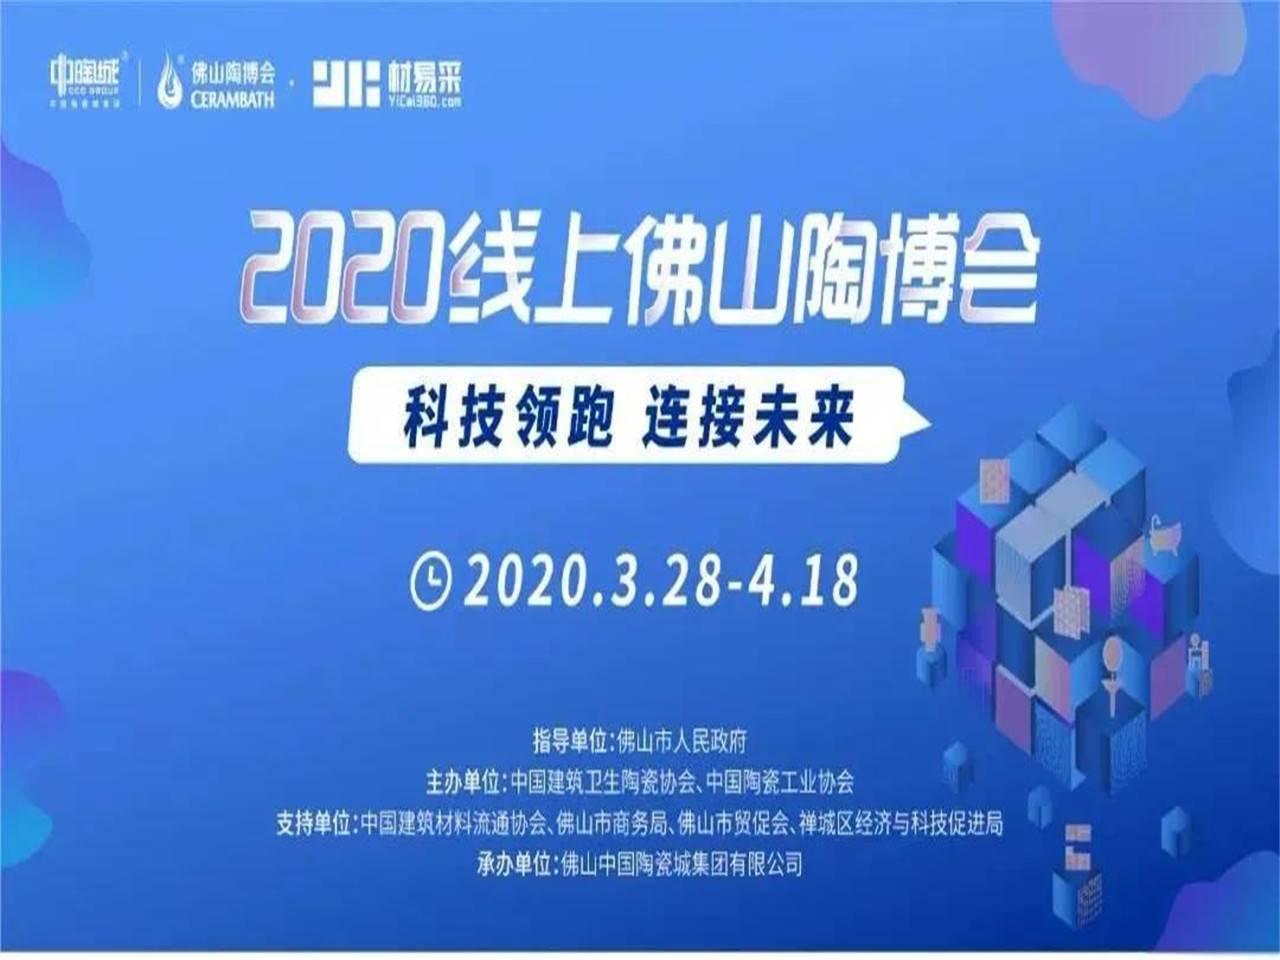 国达陶瓷亮相2020线上陶博会,邀你云观展